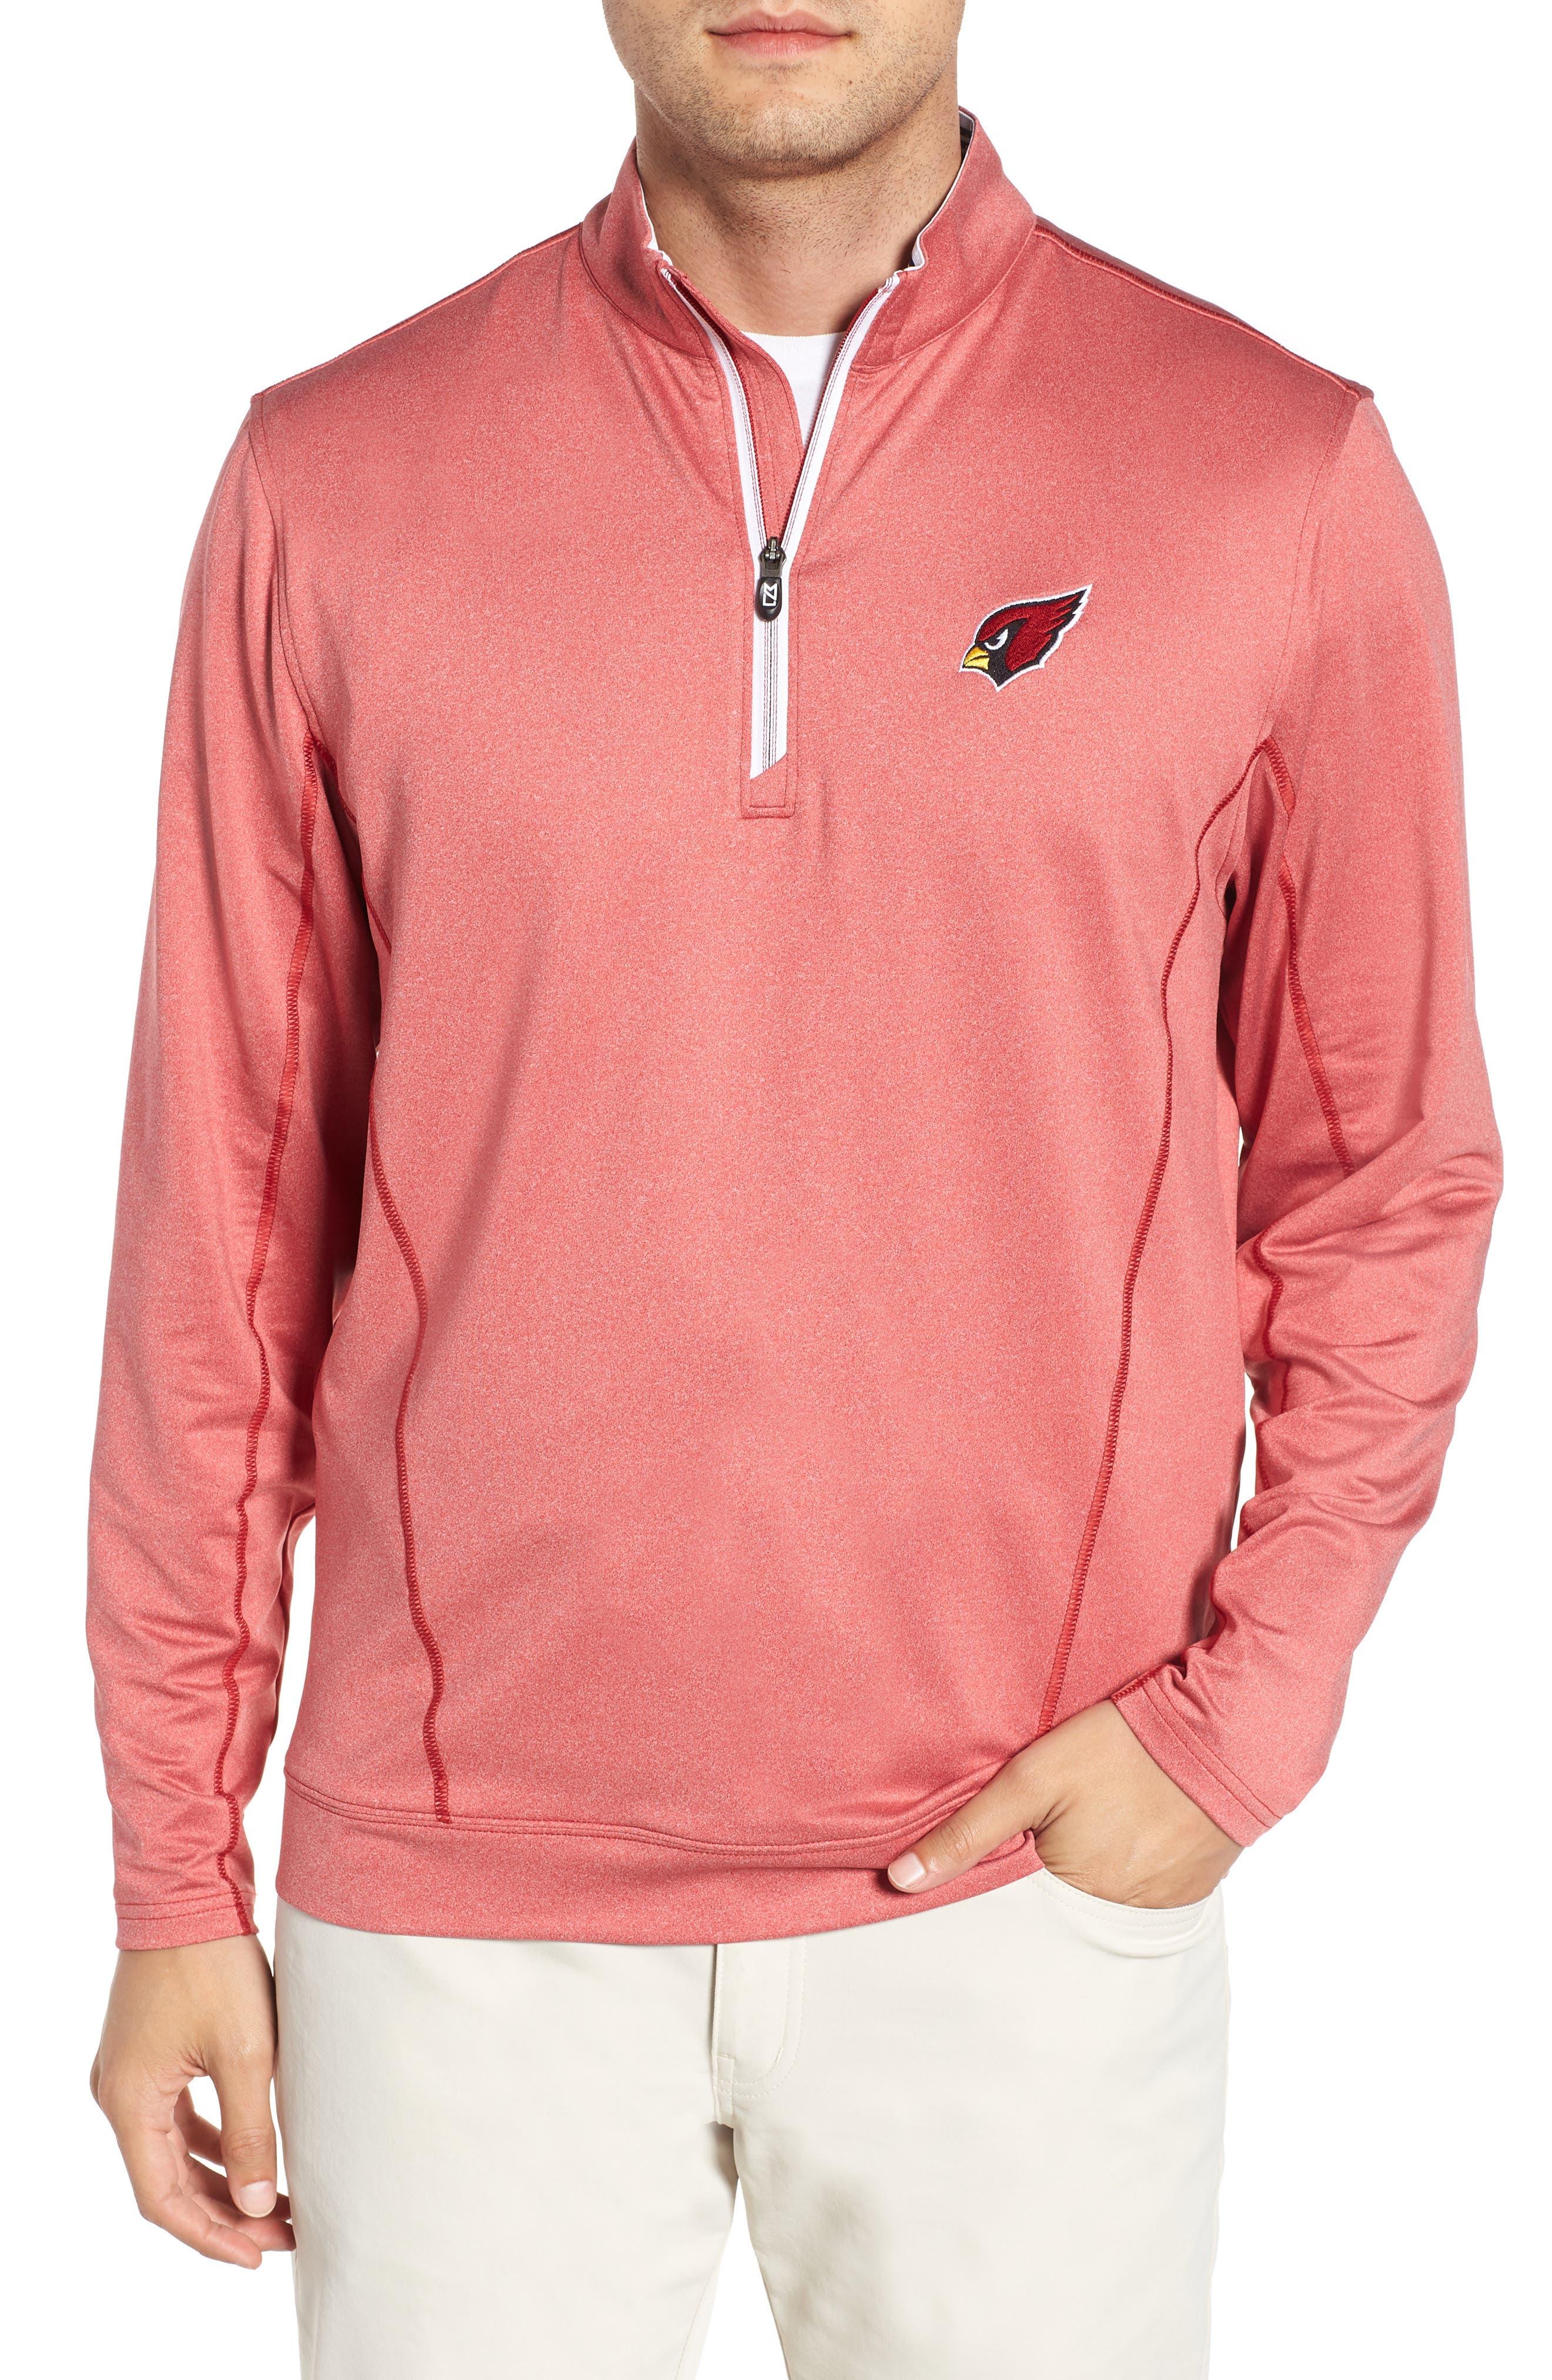 Endurance Arizona Cardinals Regular Fit Pullover,                             Main thumbnail 1, color,                             CARDINAL RED HEATHER